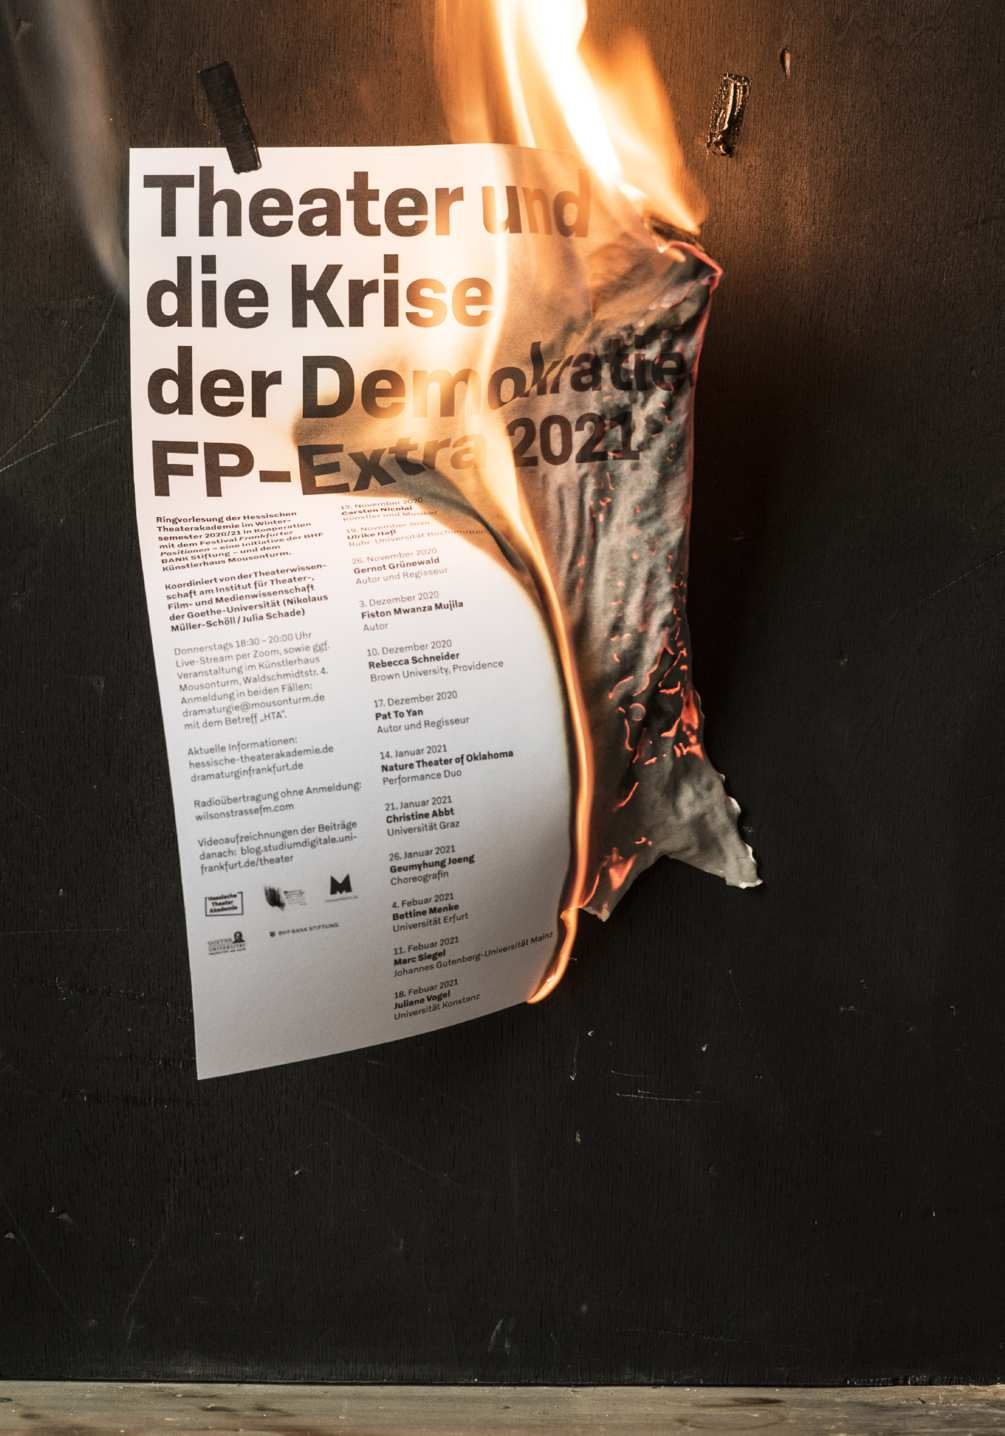 krise-der-demokratie-photo-07-1005x1436px